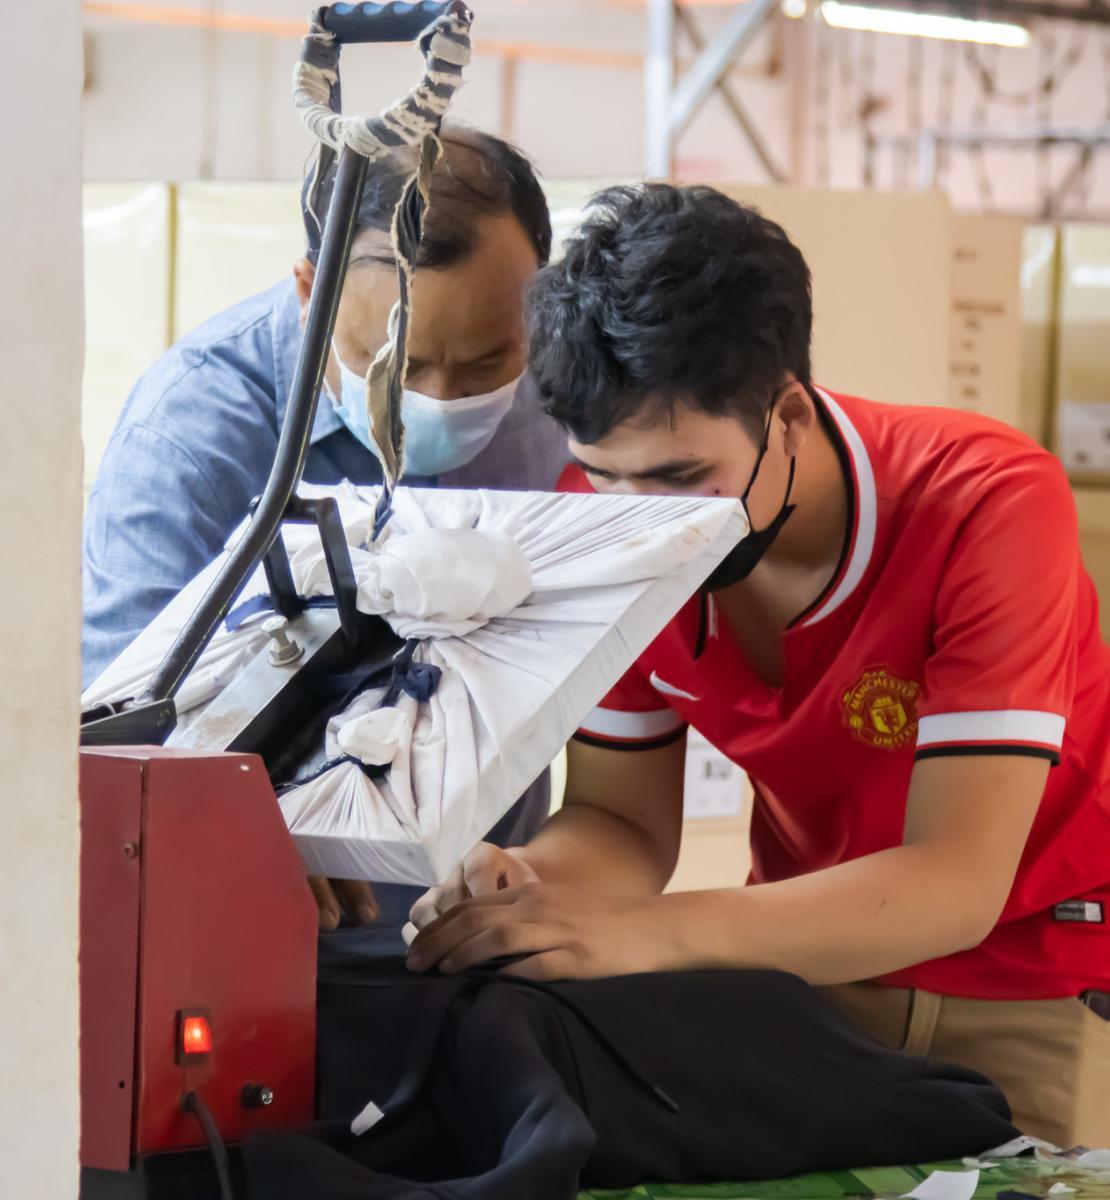 Dos hombres con mascarilla trabajan juntos en una prenda en la fábrica de ropa.